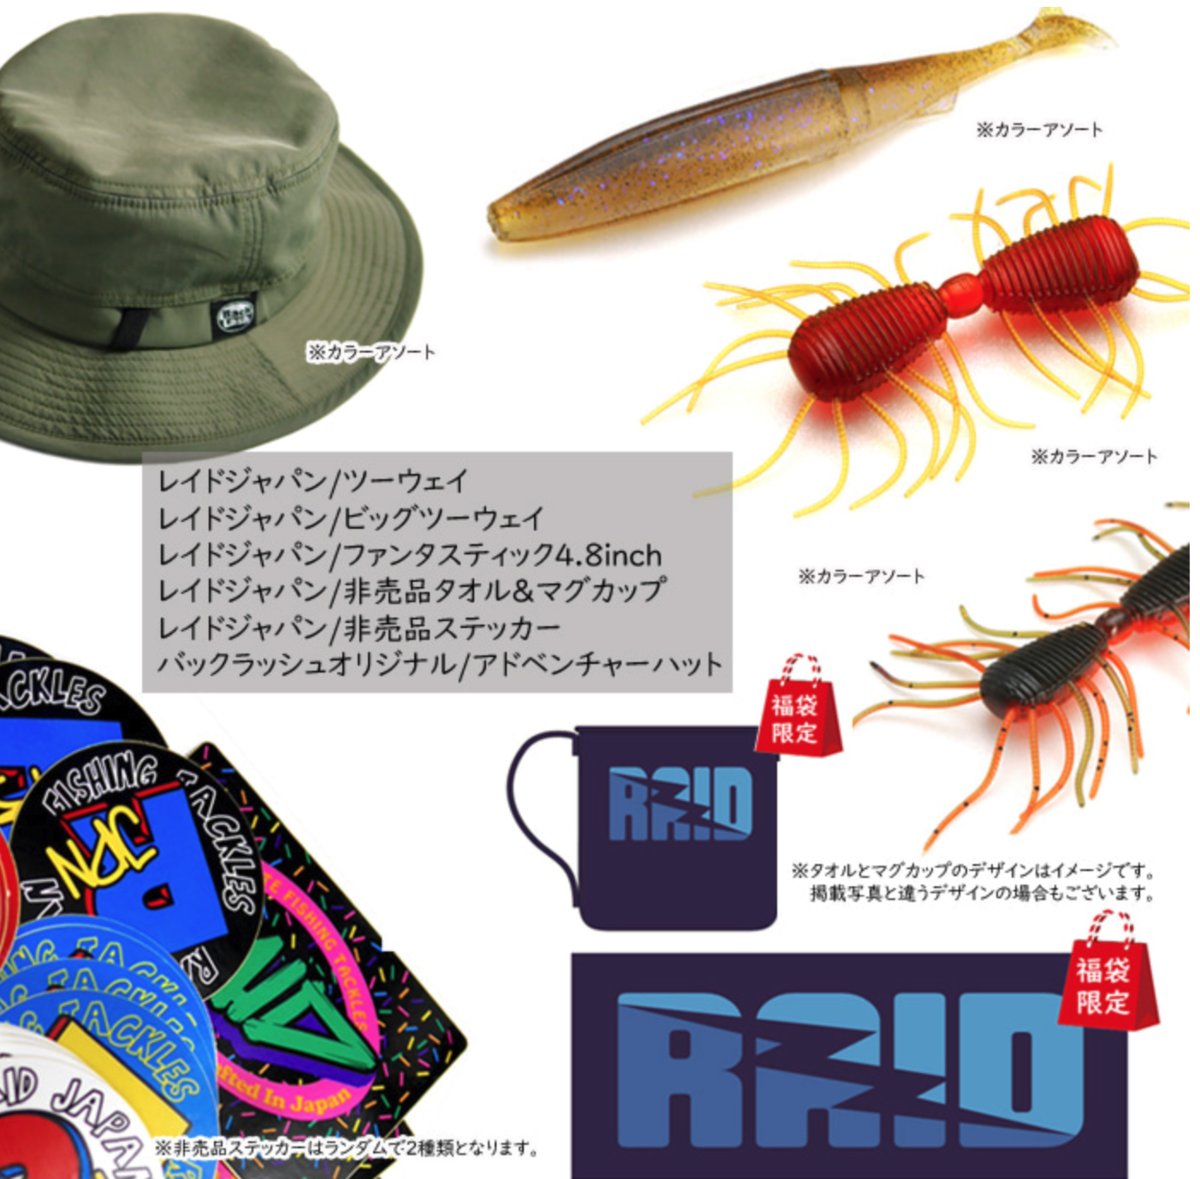 f:id:basssoku:20201216033953p:plain